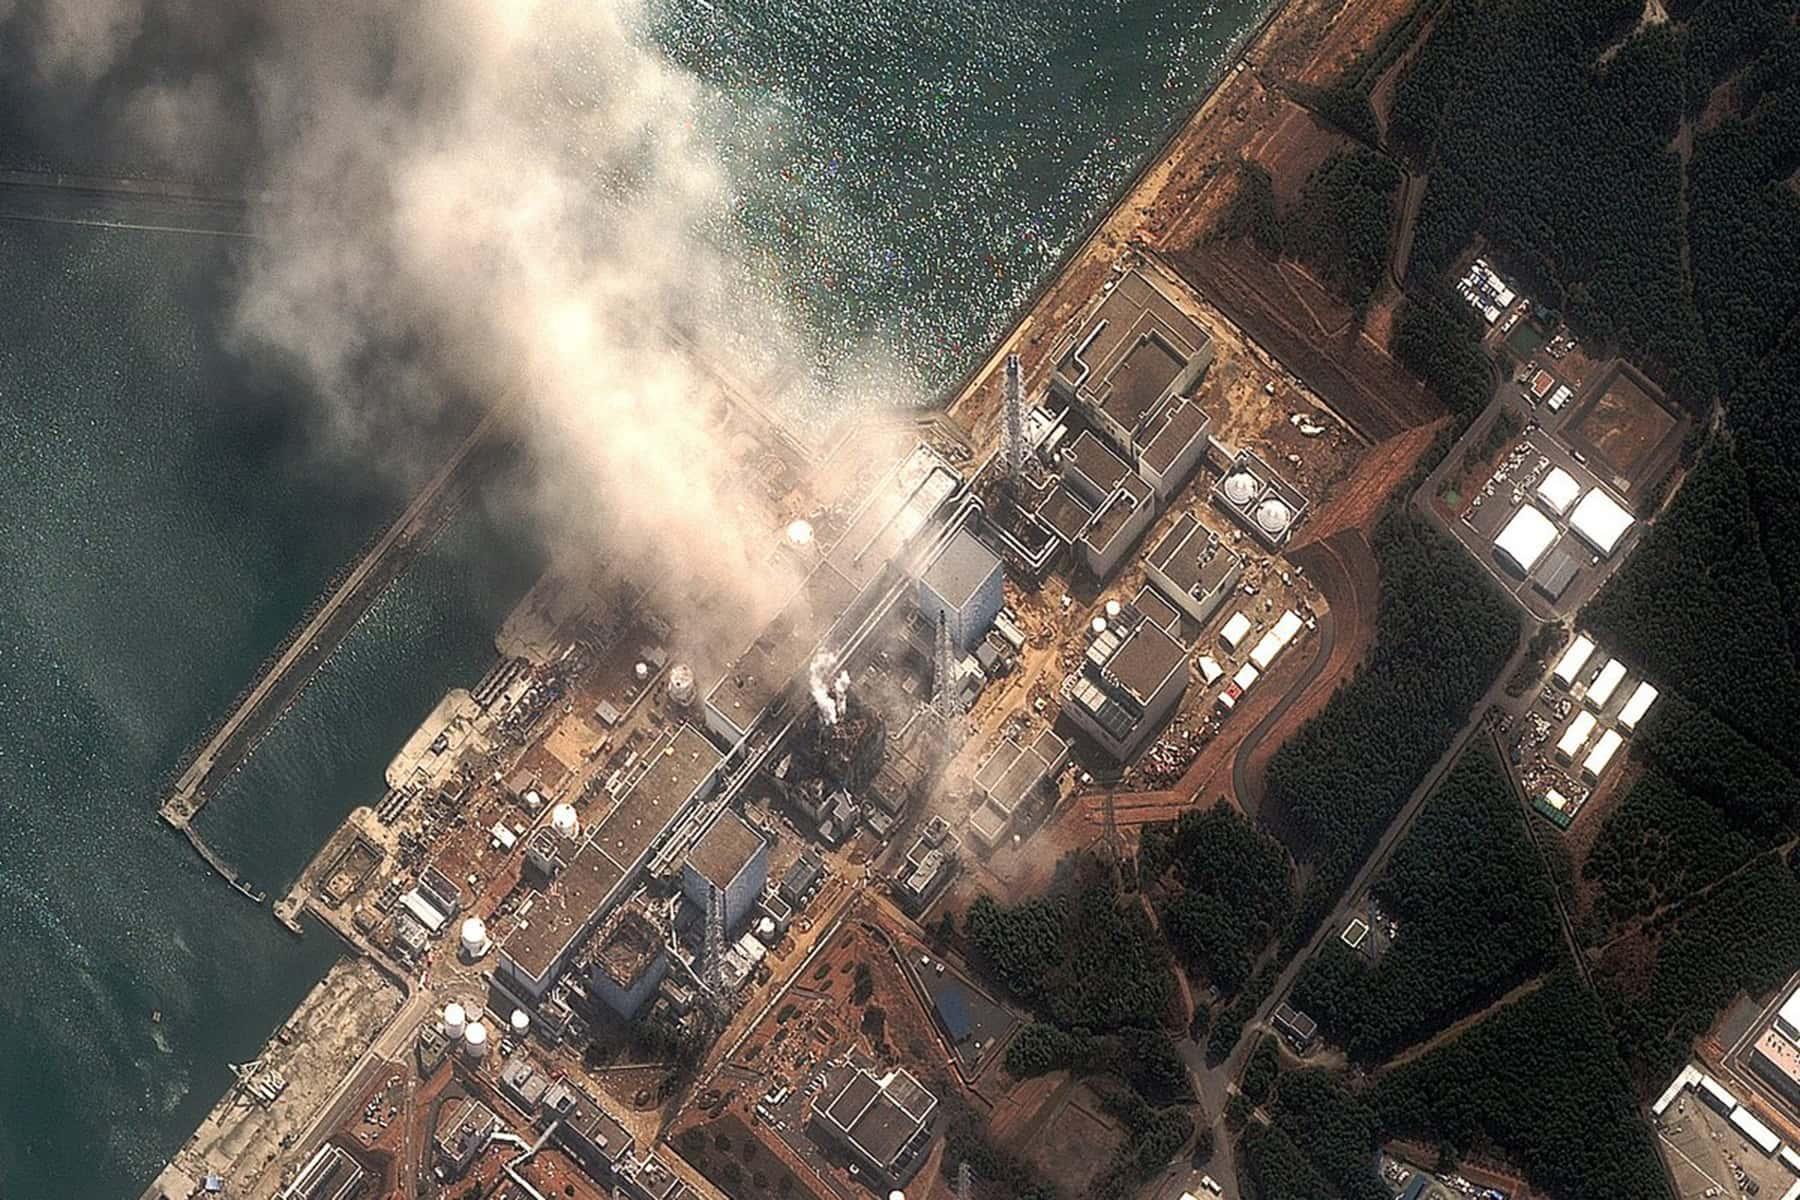 031121_FukushimaGroundZero